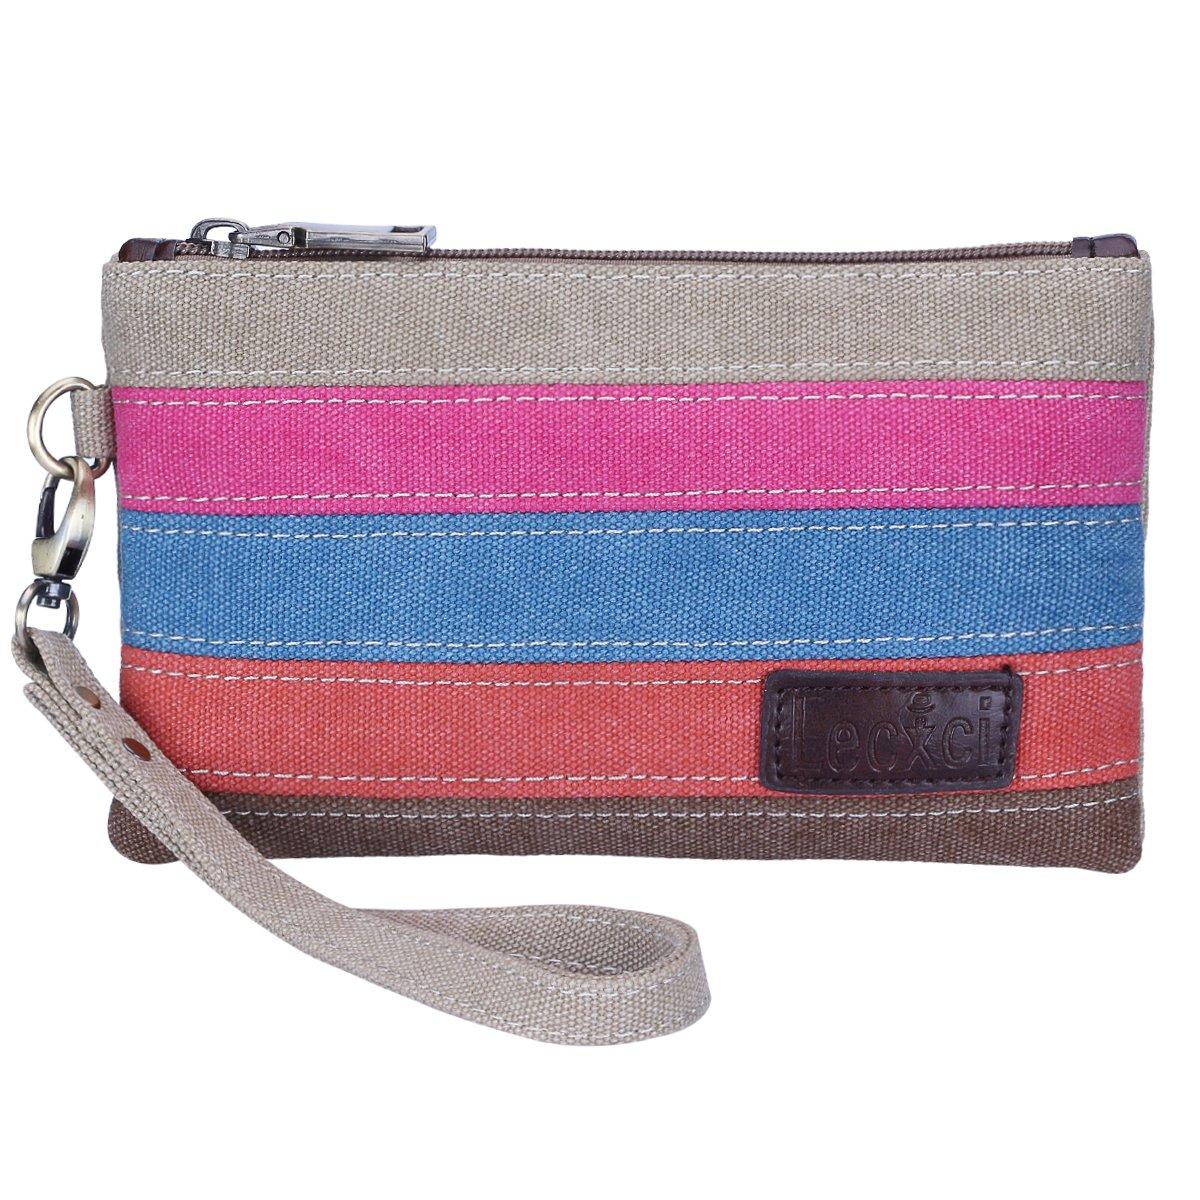 Lecxci Women's Canvas Smartphone Wristlets Bag, Clutch Wallets Purses for iPhone 6S/7 Plus/8 Plus/X (Color-strap)